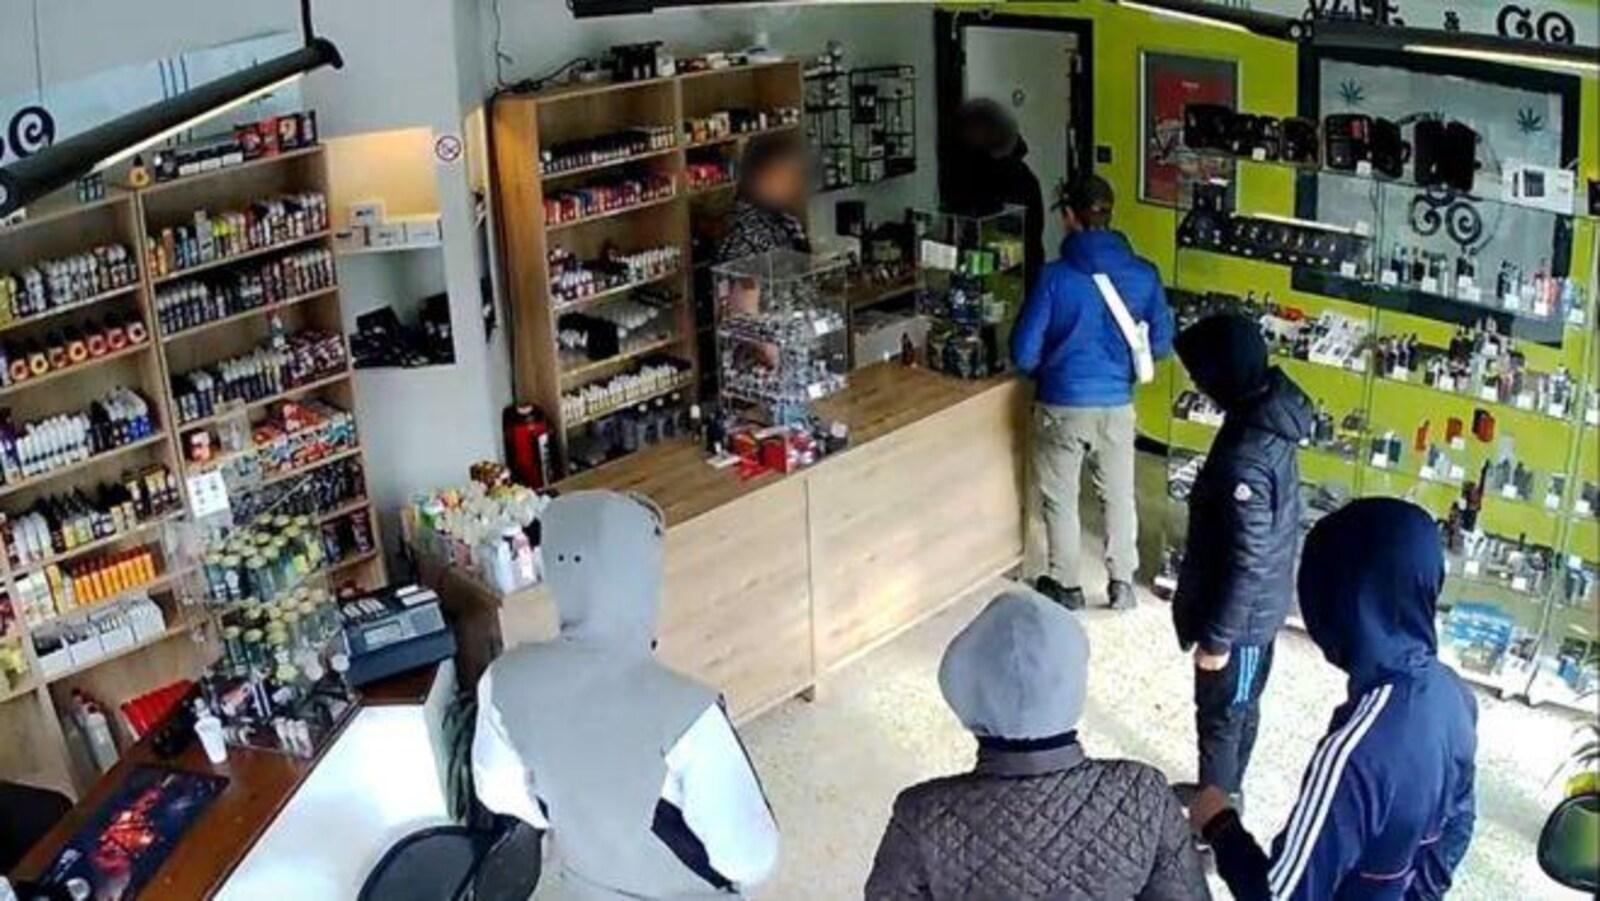 Dans un magasin, on distingue des cigarettes électroniques. Cinq individus, capuche sur la tête et le dos tourné, font face à un vendeur.